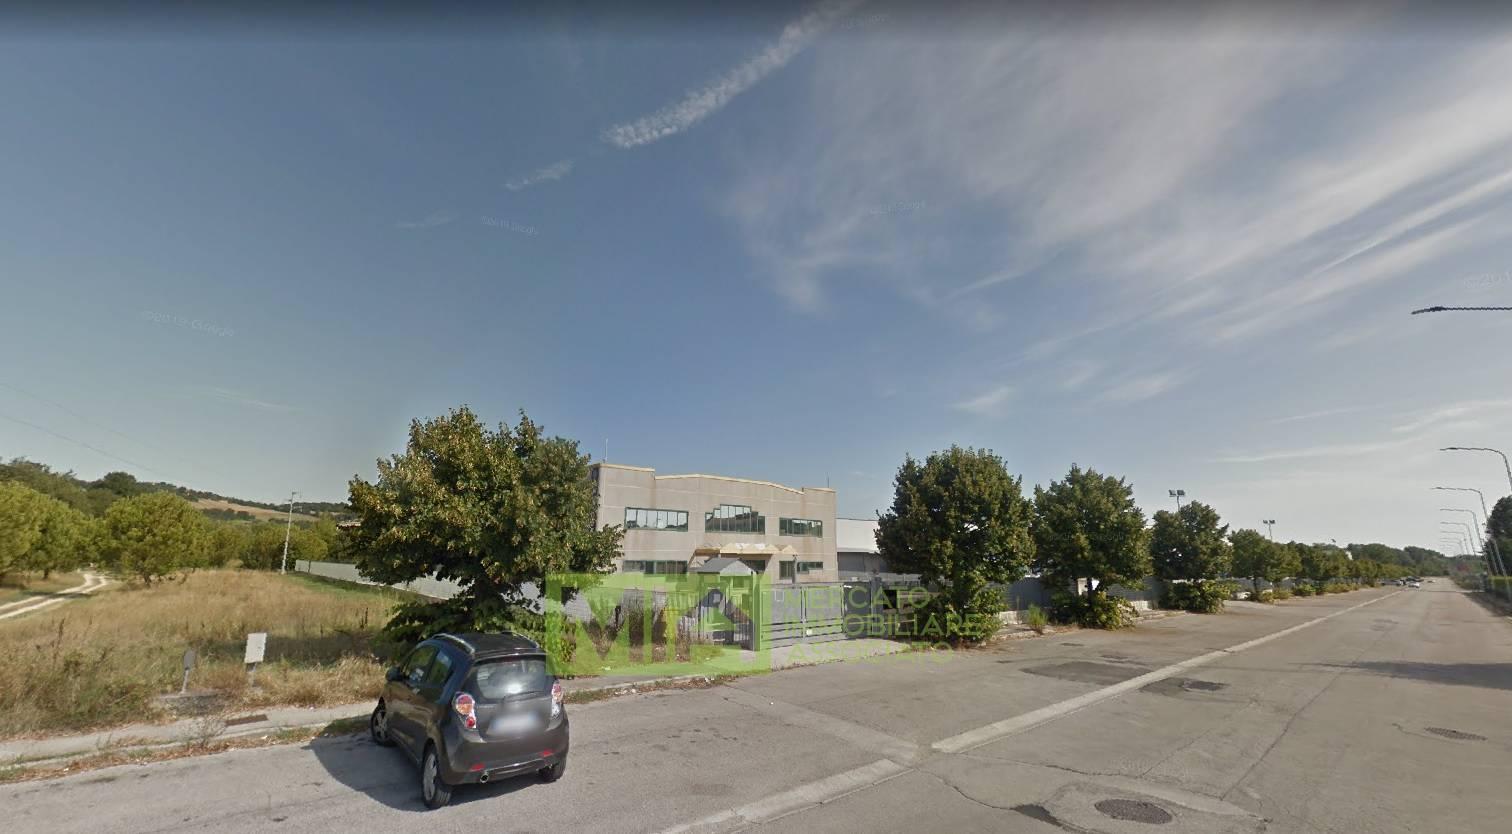 Ufficio / Studio in vendita a Fermo, 9999 locali, prezzo € 459.700 | CambioCasa.it